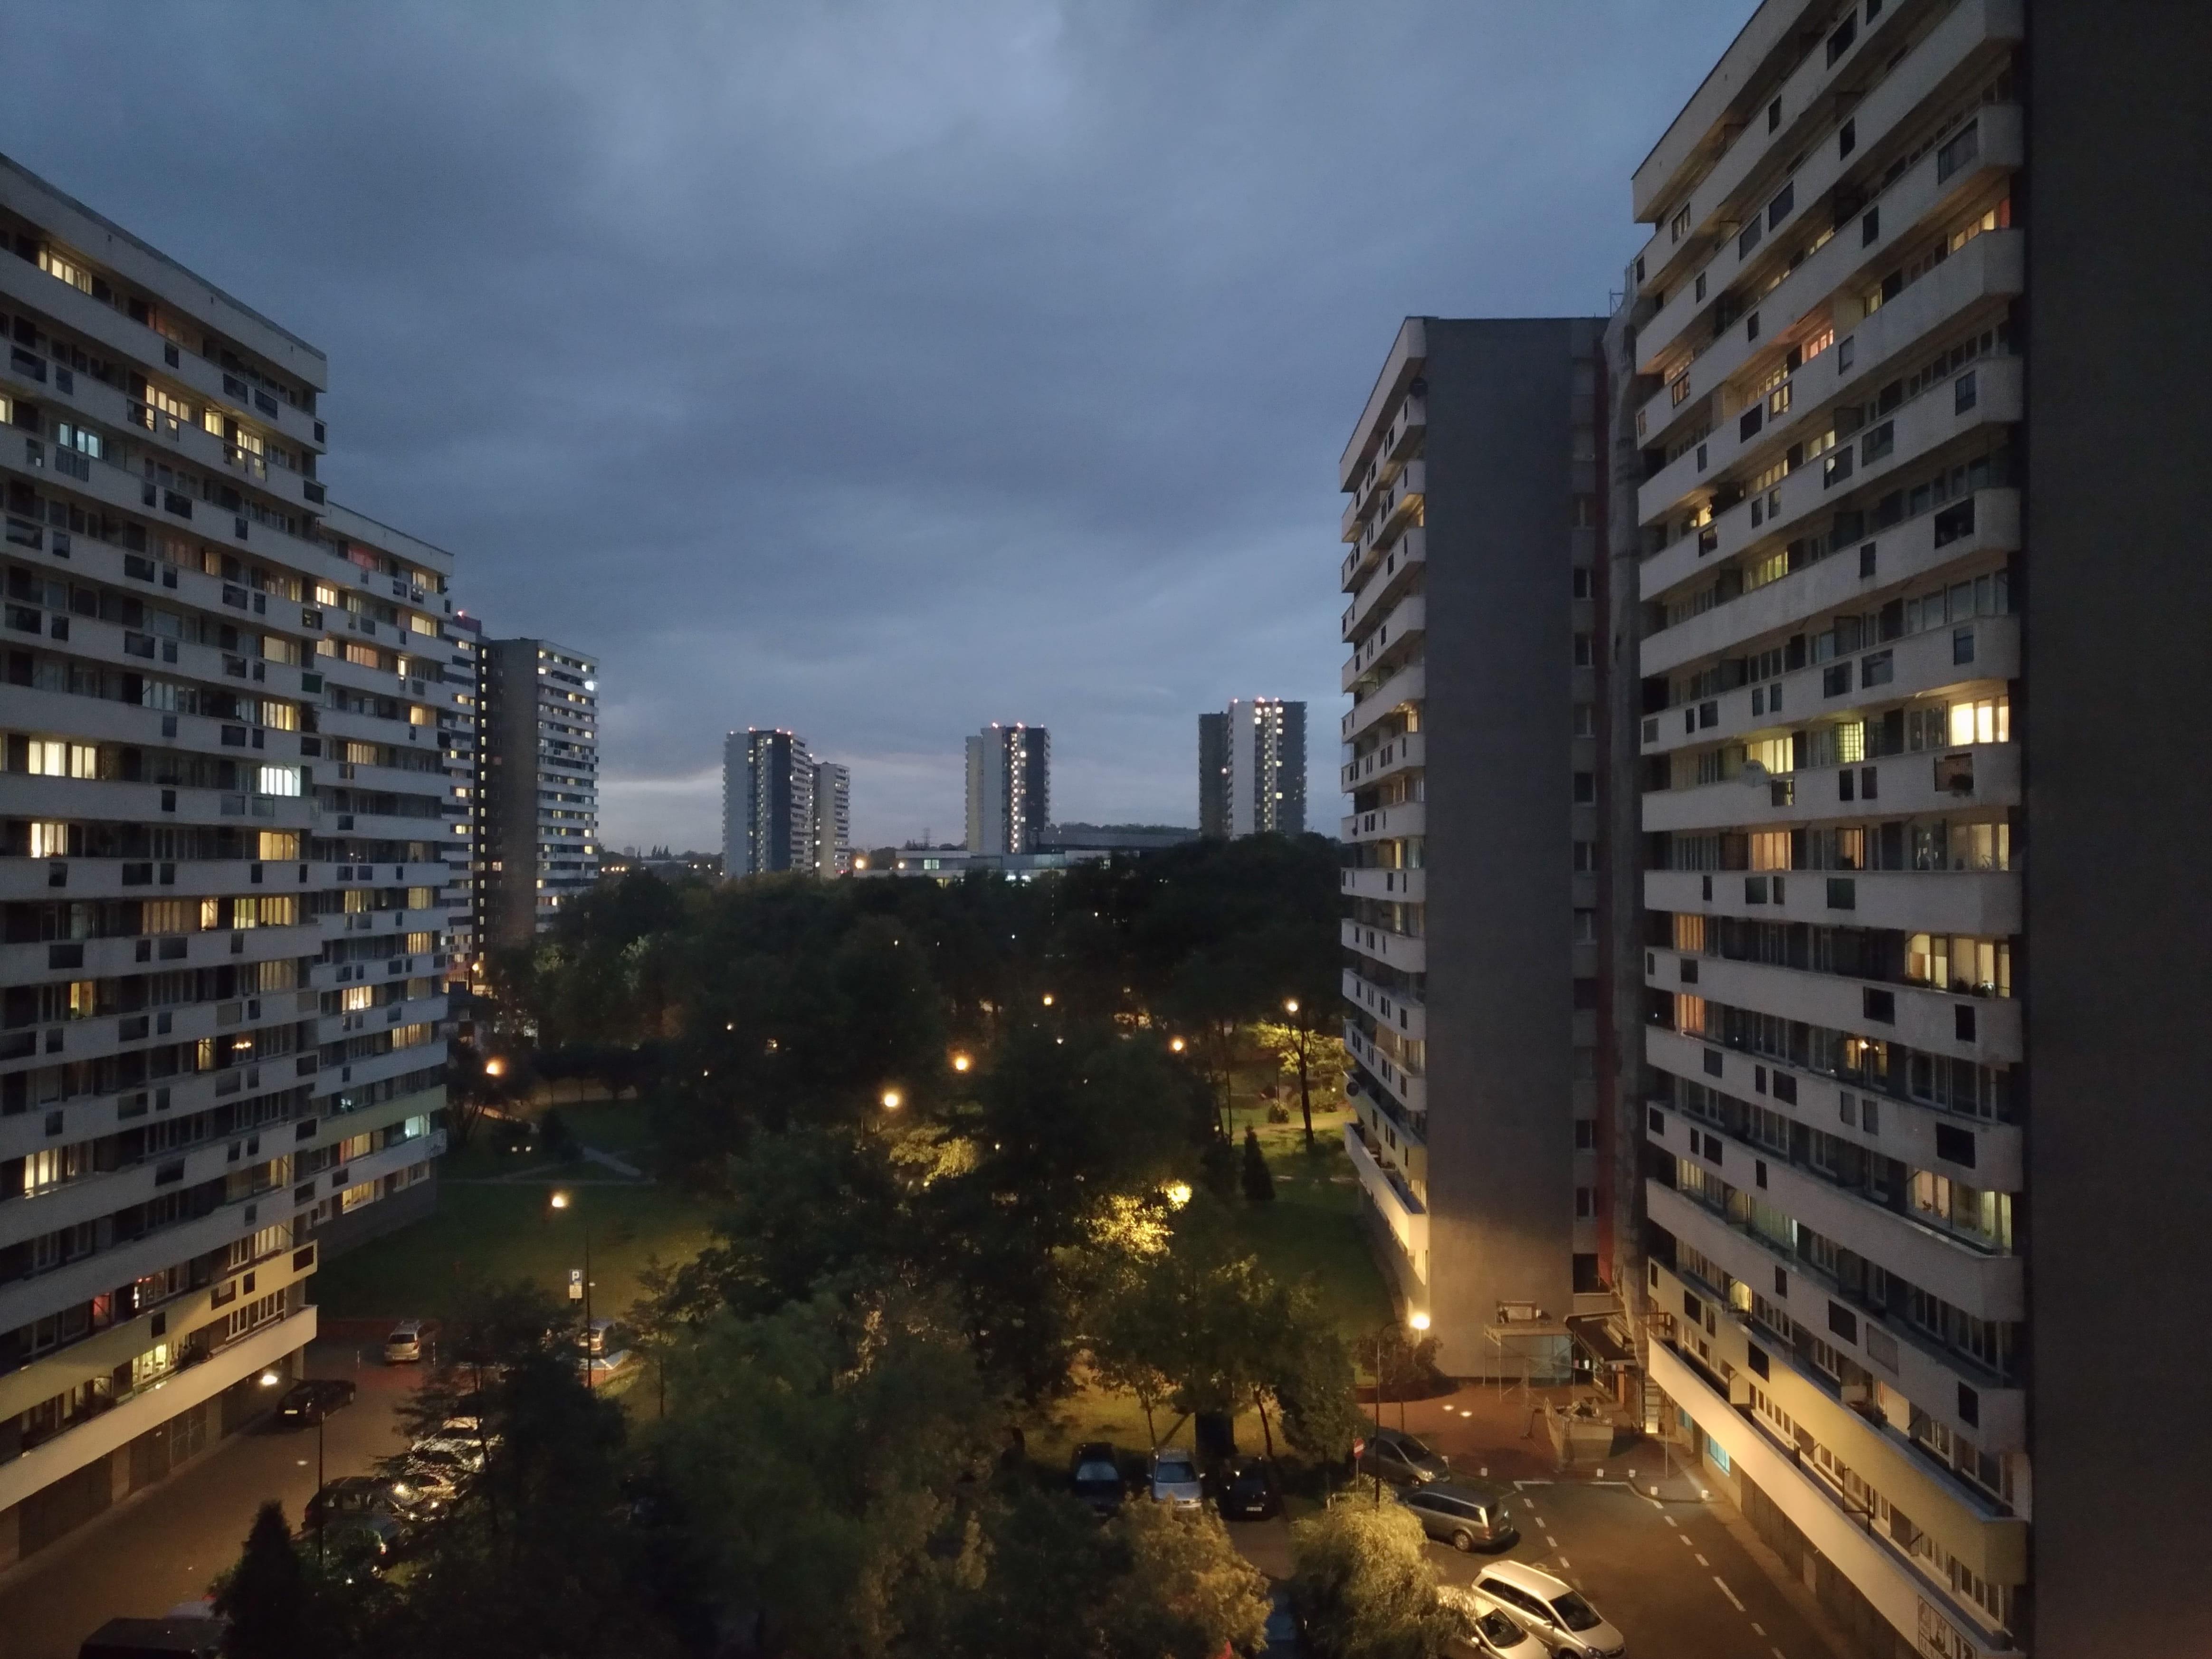 Zdjęcia nocne - ZenFone 3